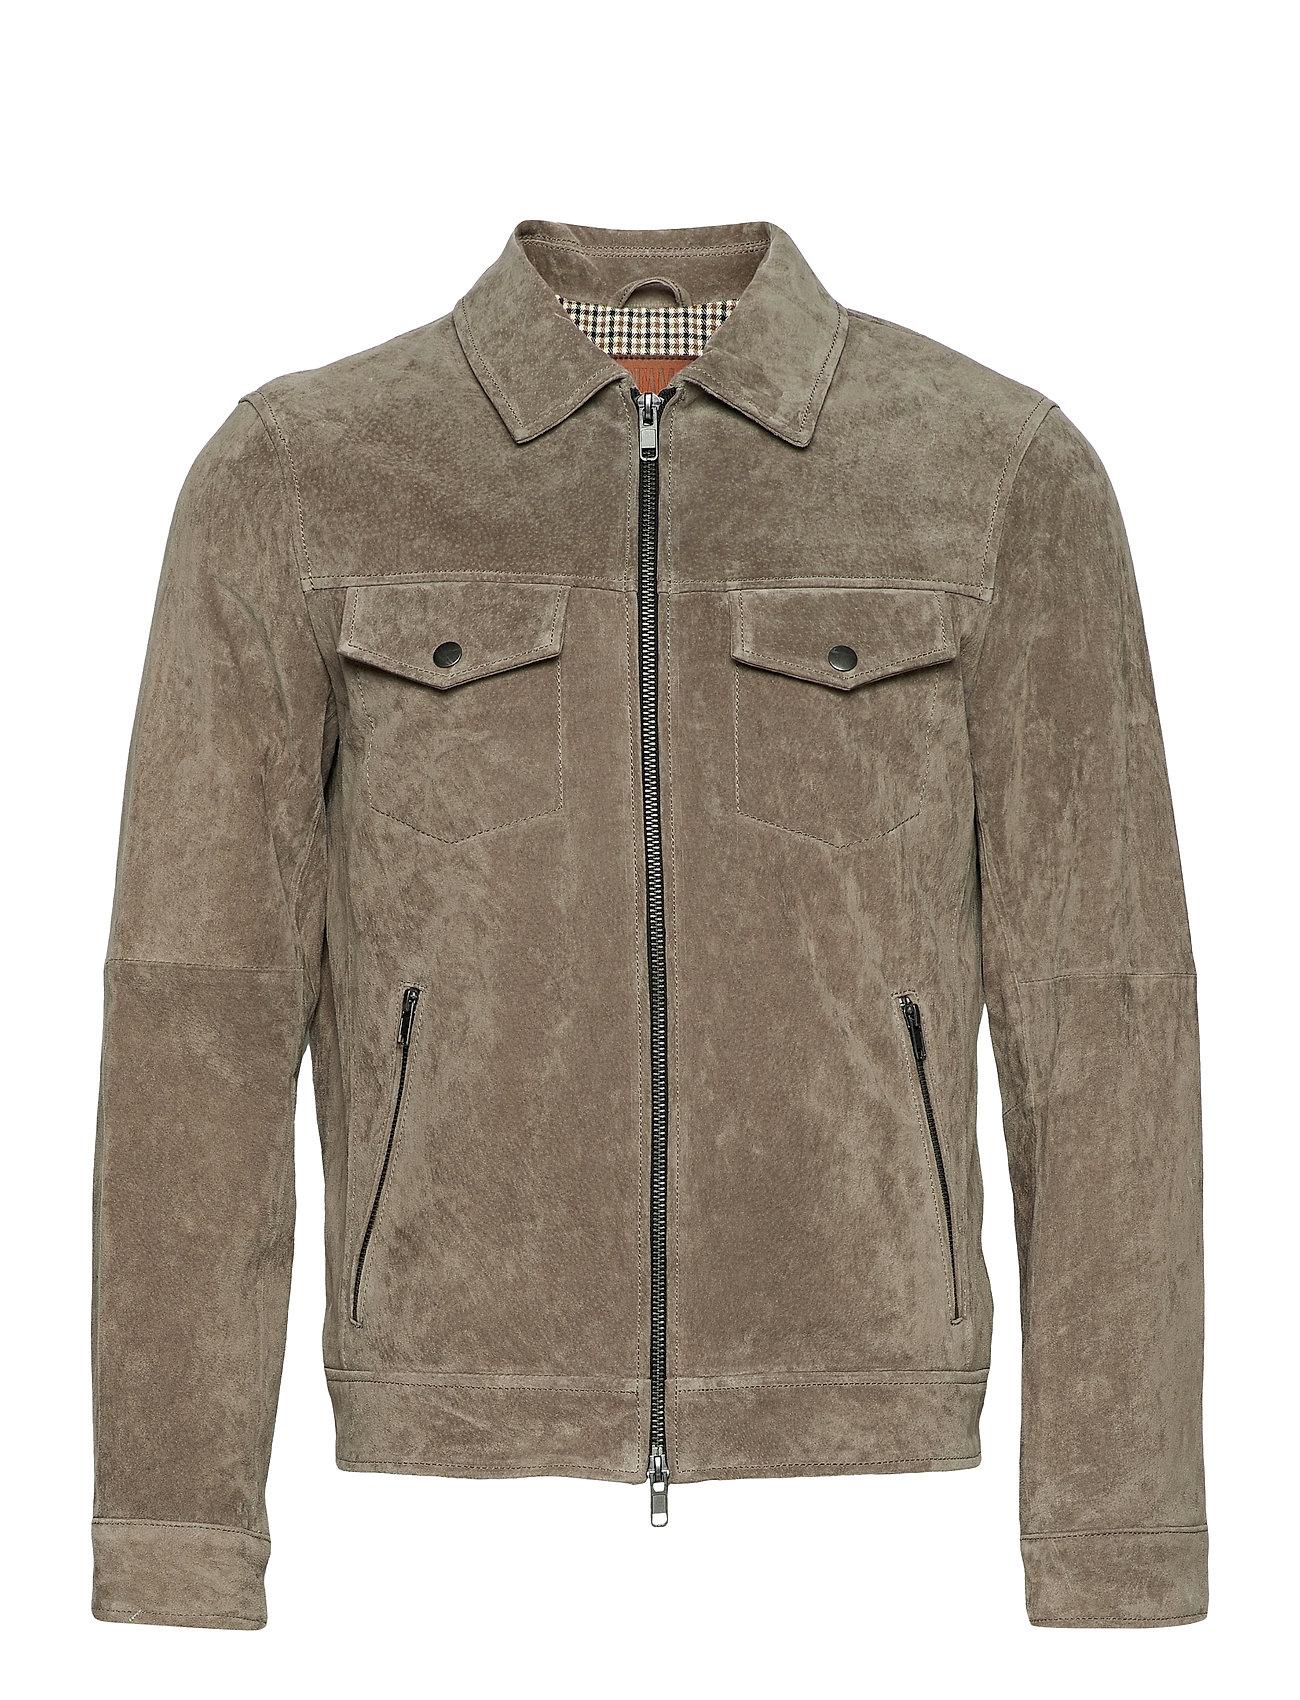 Image of Ben Suede Shirt Jacket Læderjakke Skindjakke Beige Jofama (3515474483)